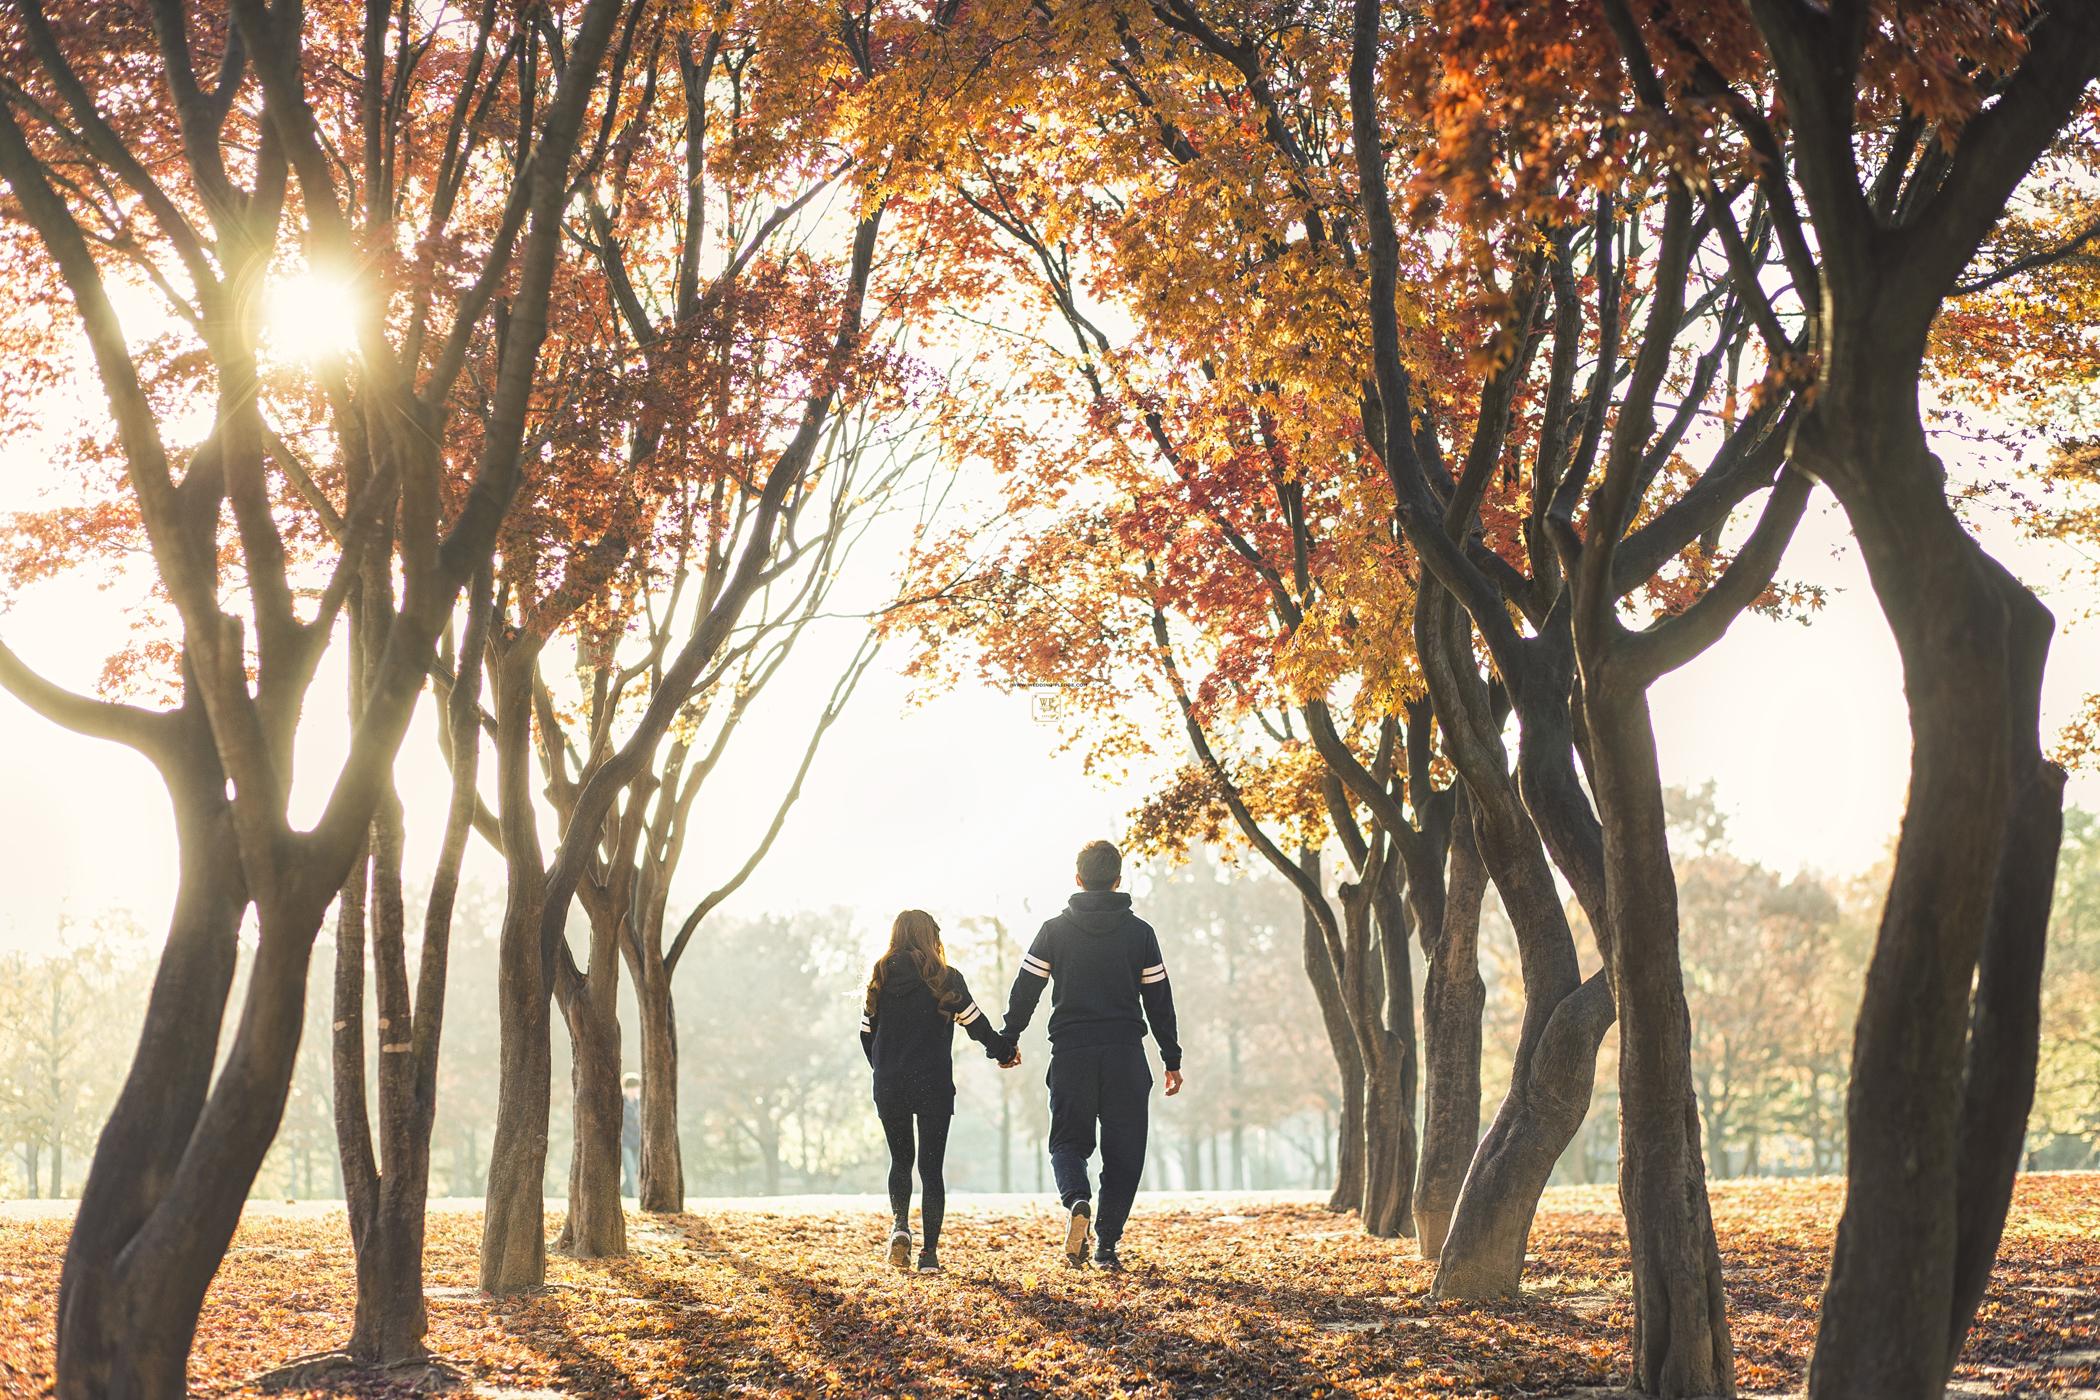 别浪费了秋季的绚烂景色 秋天婚纱照欣赏【10】